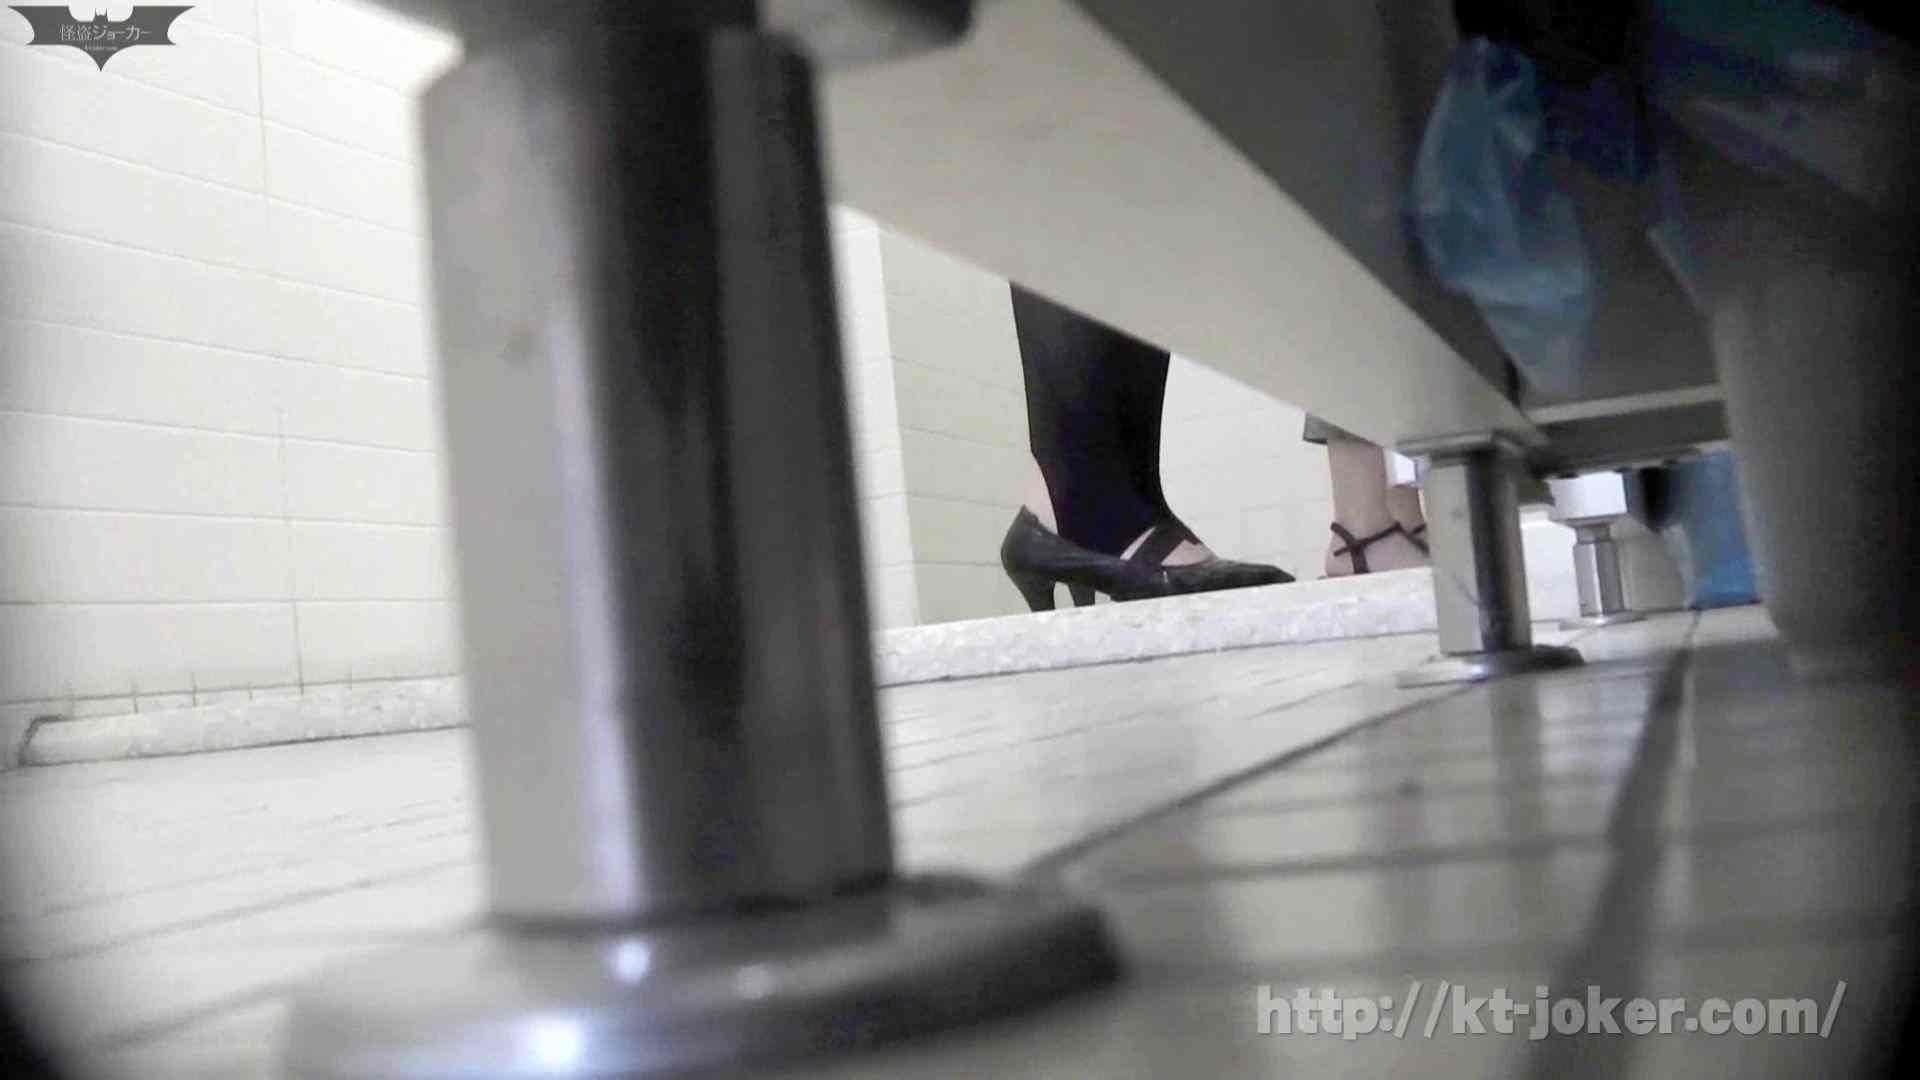 命がけ潜伏洗面所! vol.65 無謀に通路に飛び出て一番明るいフロント撮り実現、見所満載 OLヌード天国 | プライベート投稿  84PIX 10